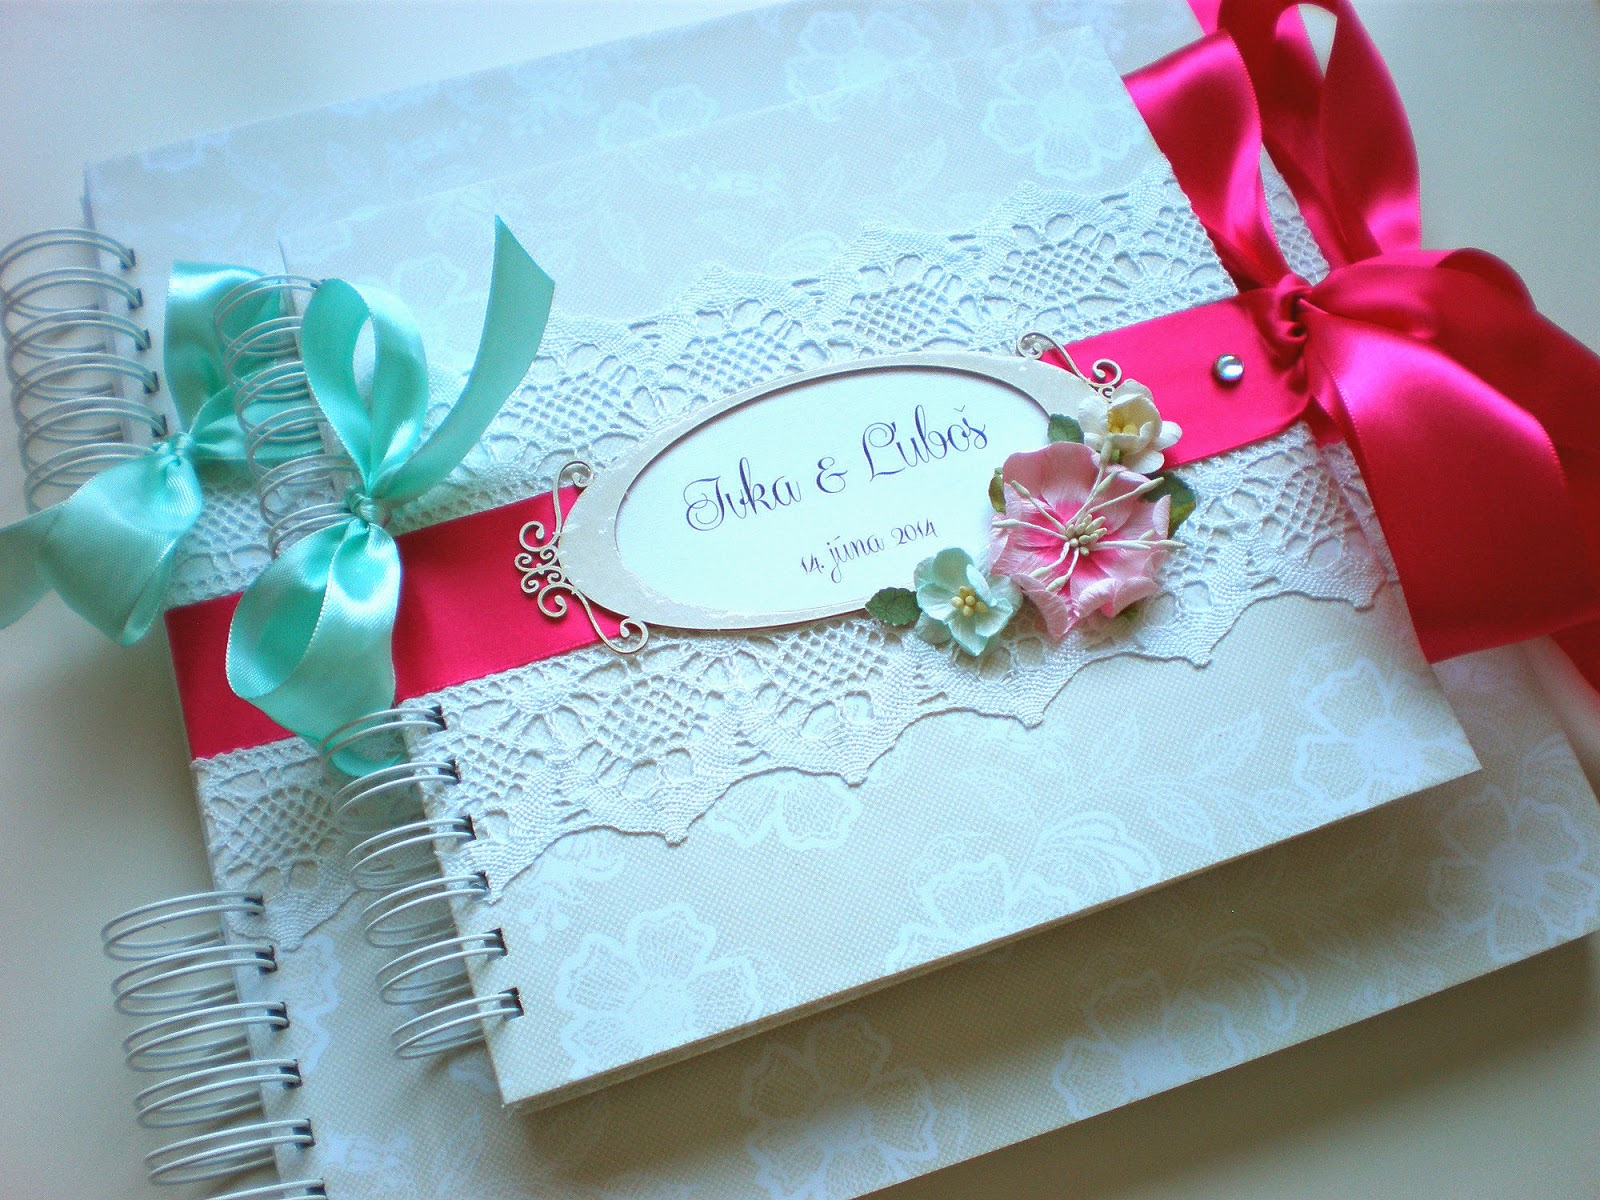 Svadobný Album & Kniha hostí / Album & Wedding guest book